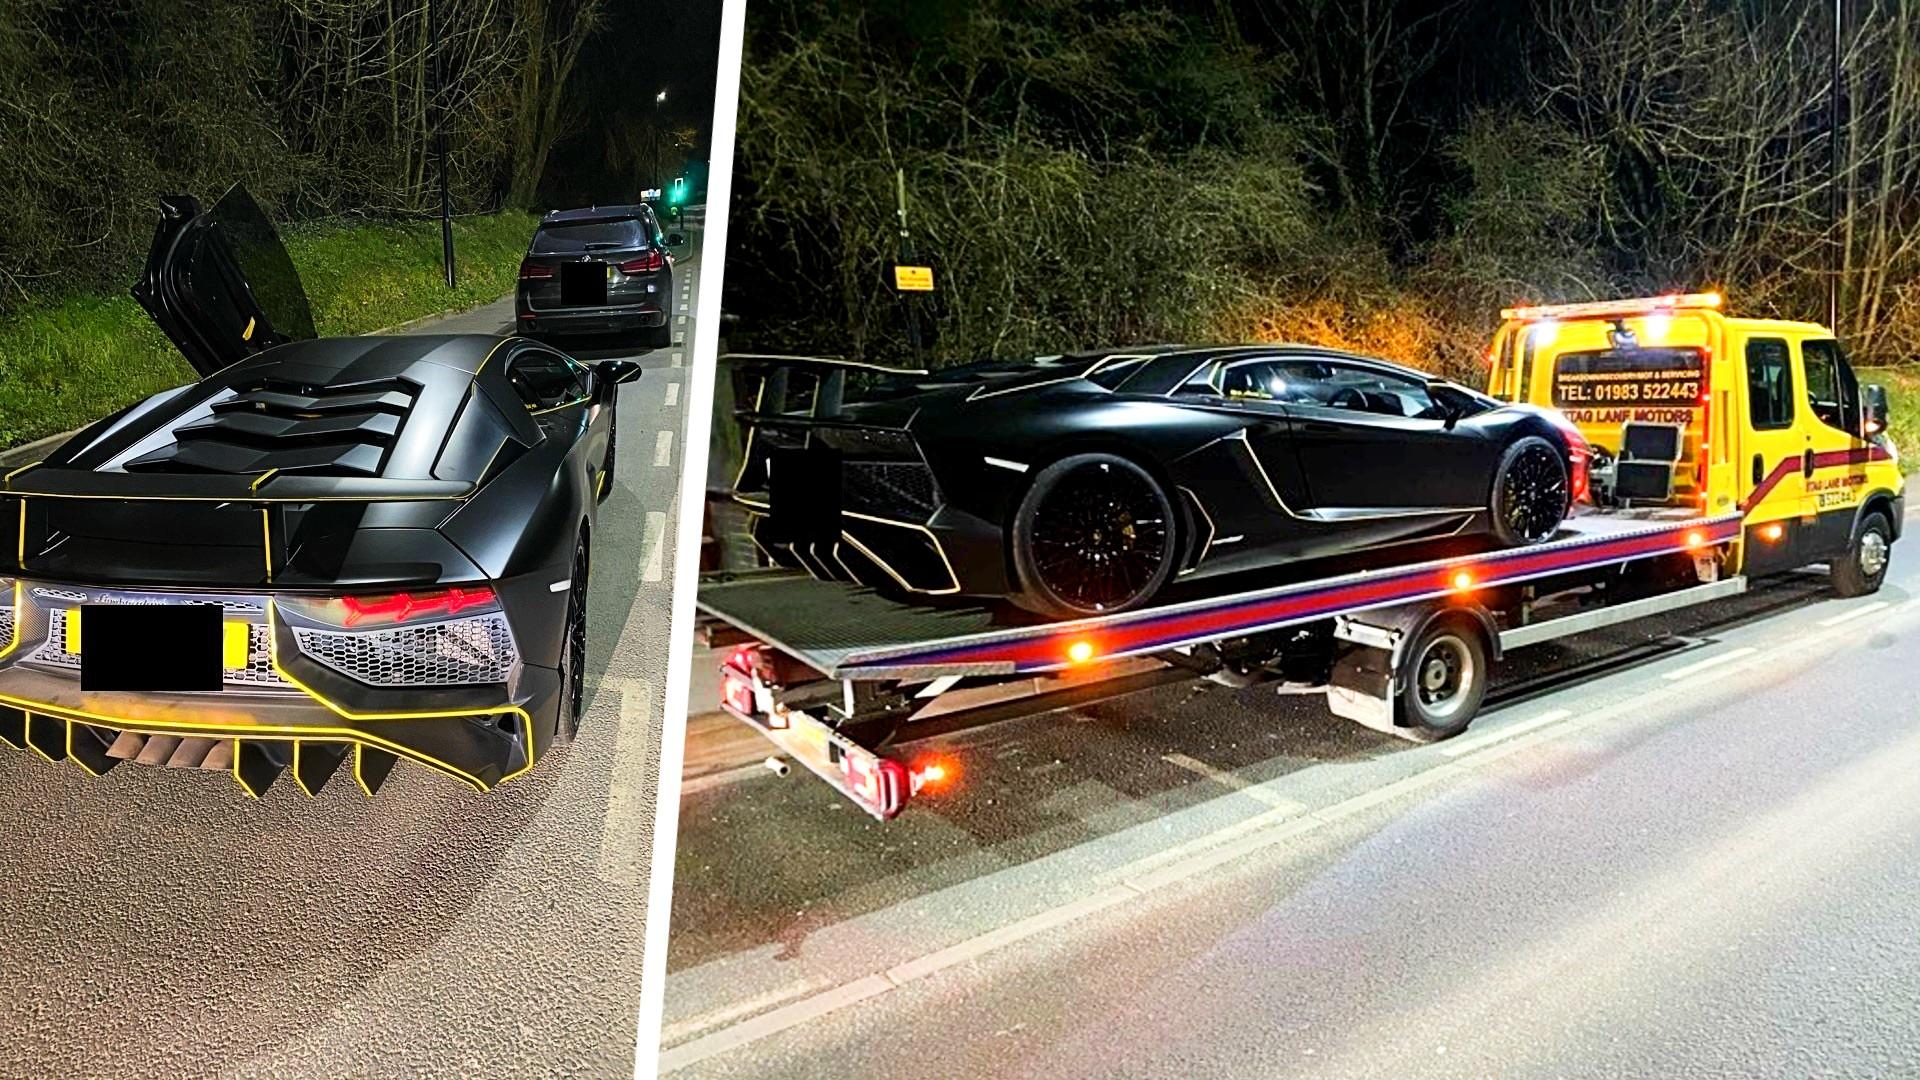 Τι παθαίνεις όταν κυκλοφορείς με Lamborghini αλλά τσιγκουνεύεσαι τα τέλη κυκλοφορίας; [pics]